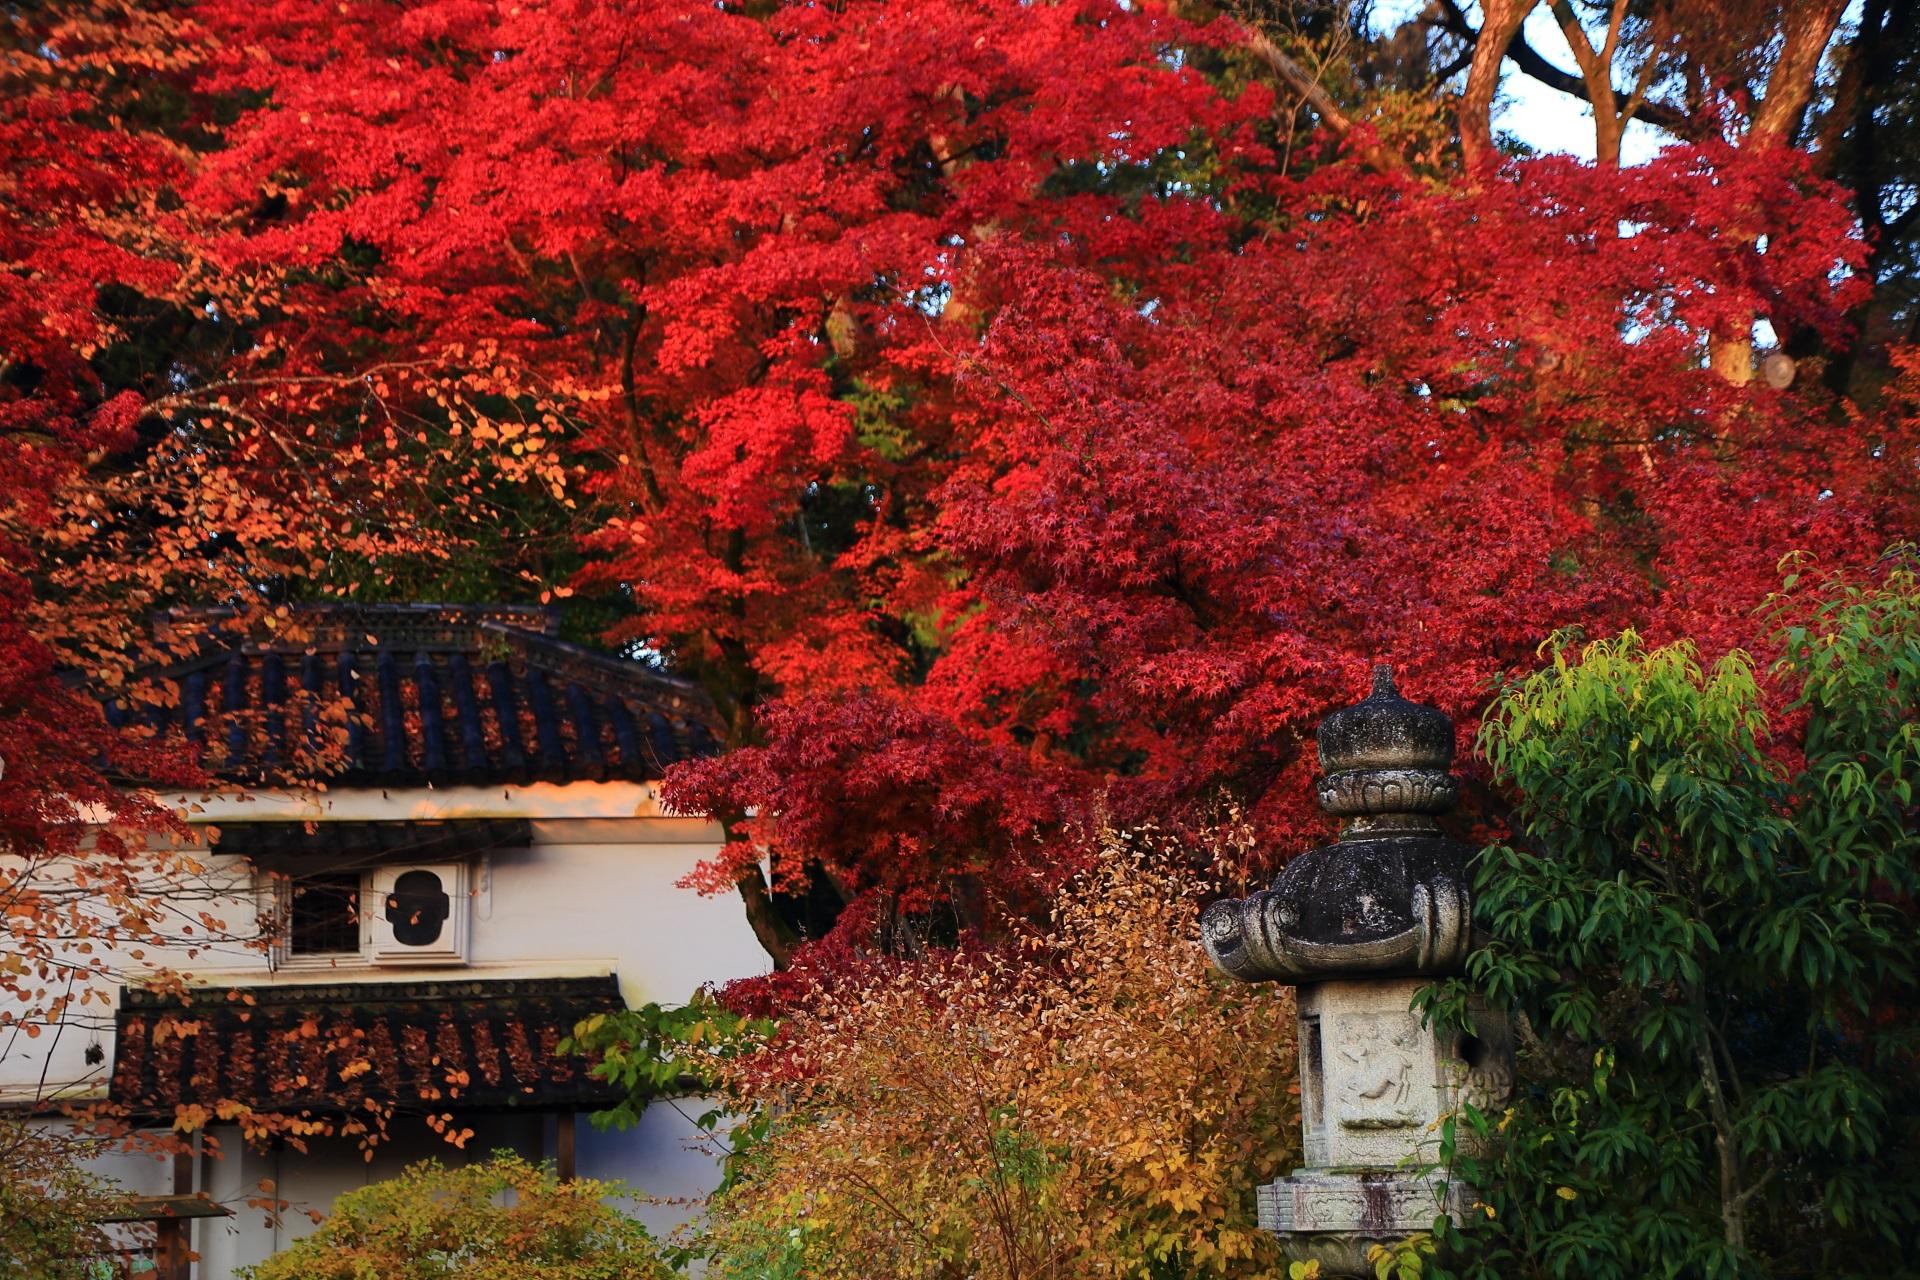 梨木神社の白壁の土蔵に映える炎のような真っ赤な紅葉